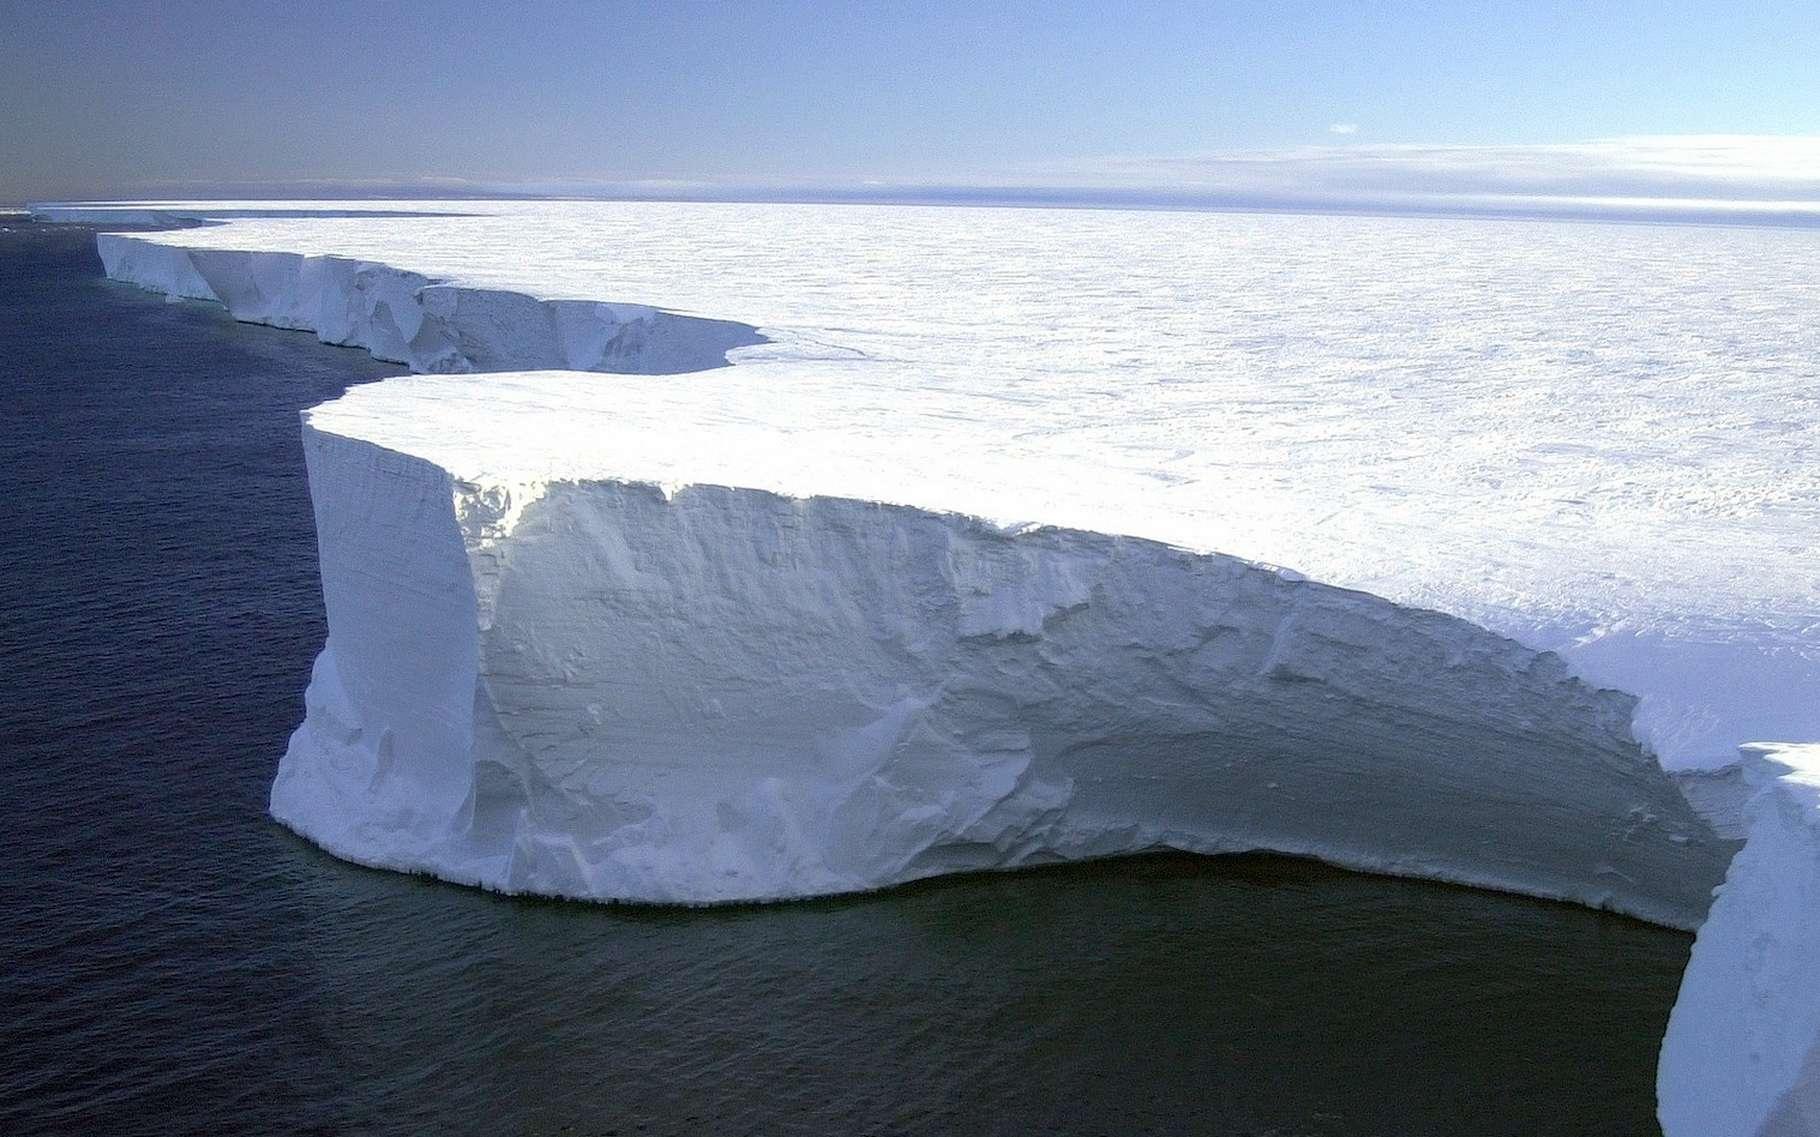 Des chercheurs ont montré que des changements des régimes de vents dus au réchauffement climatique sont directement responsables de la fonte de l'inlandsis antarctique. © 12019, Pixabay License